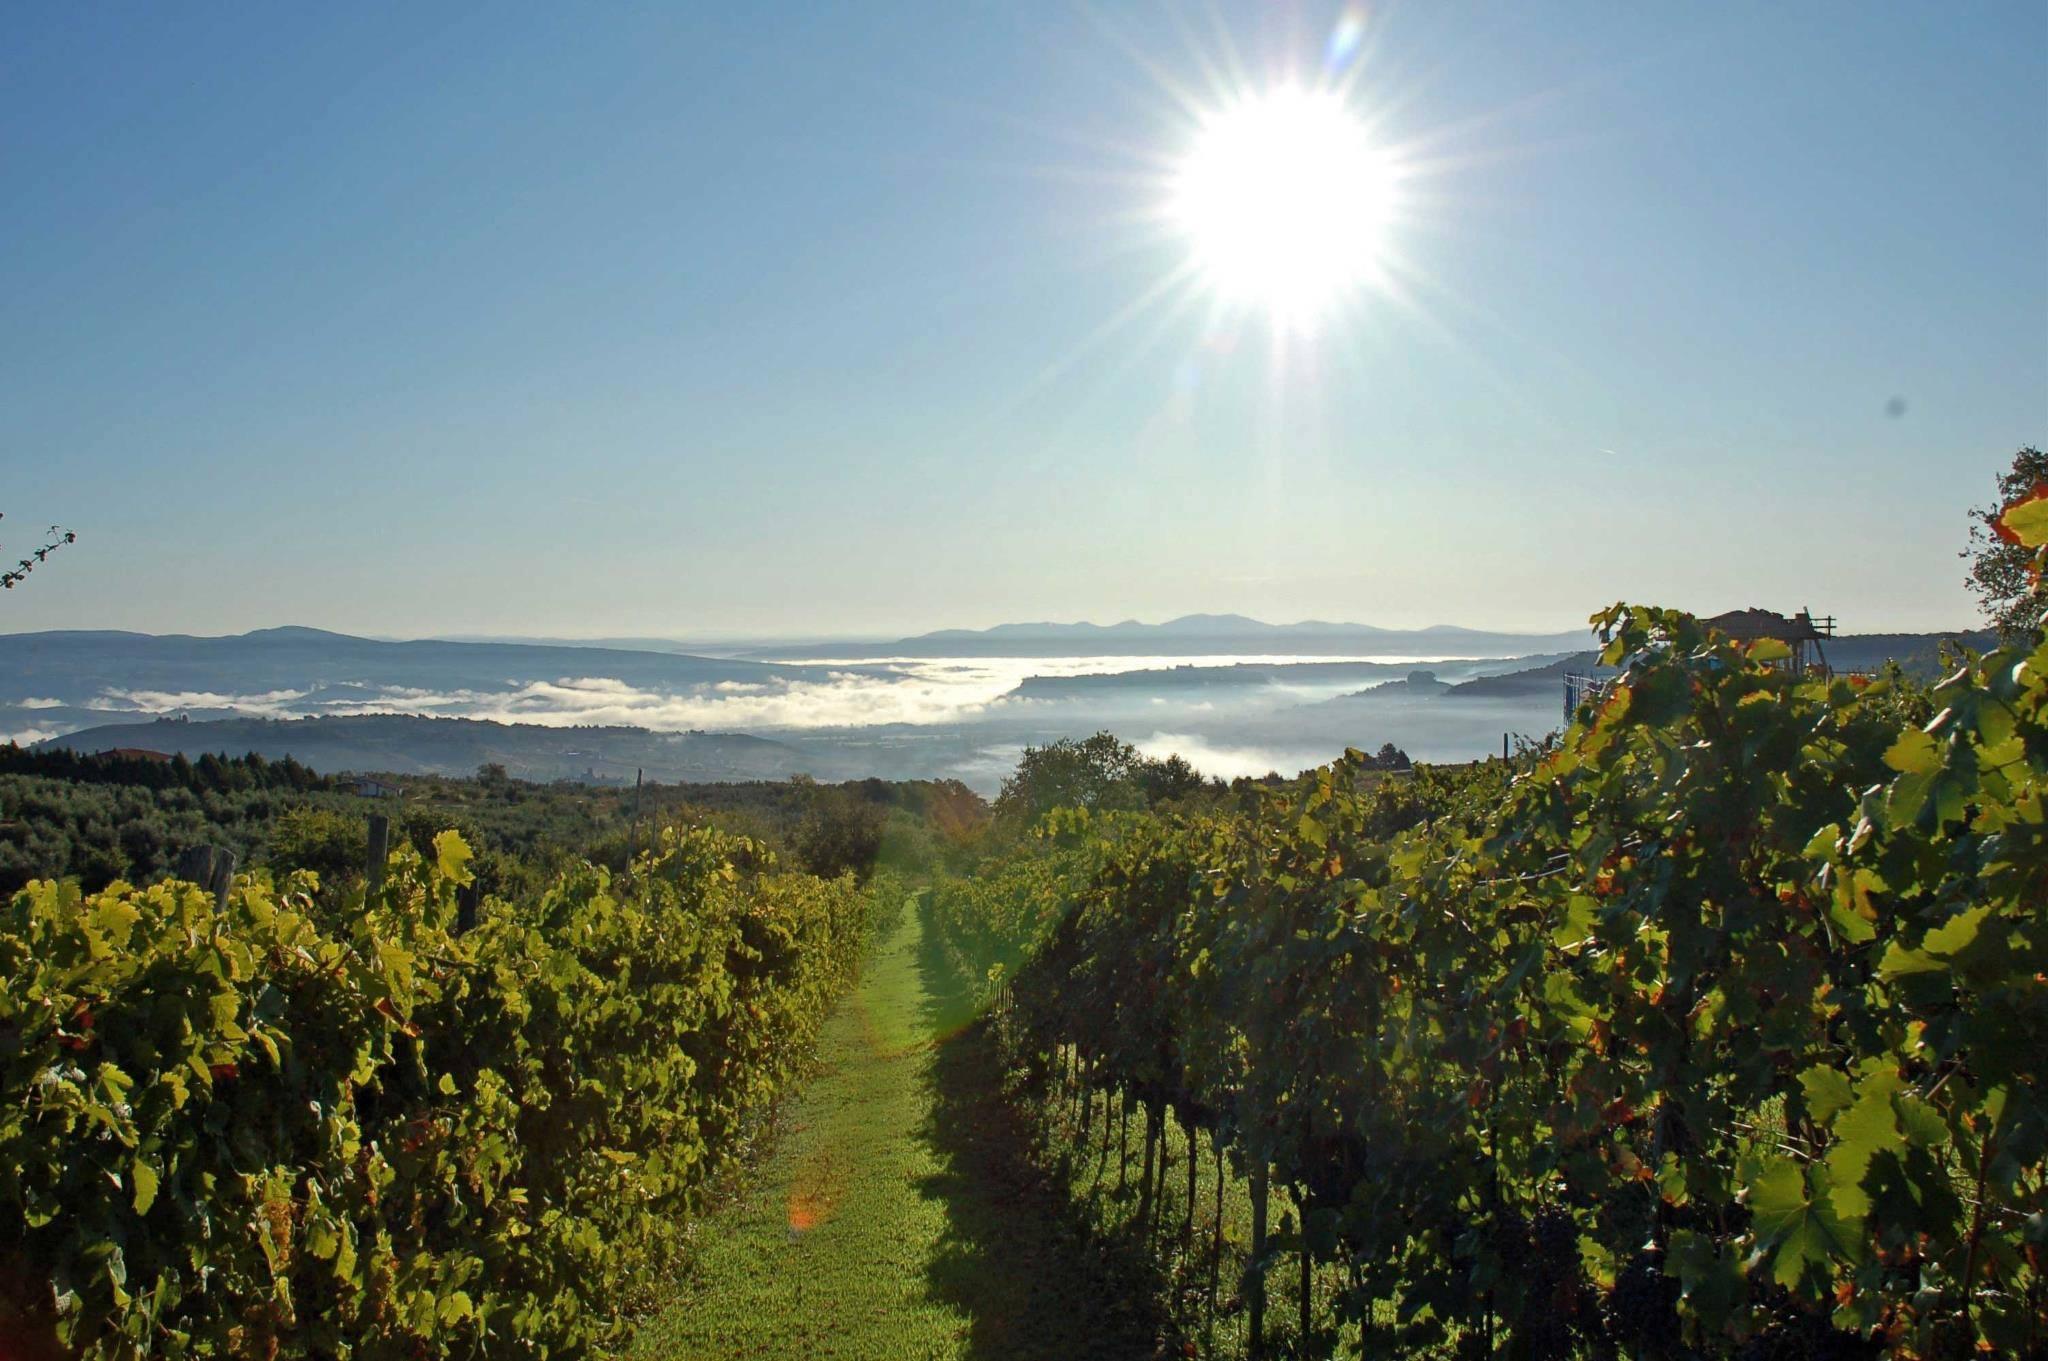 A vineyard in the sun